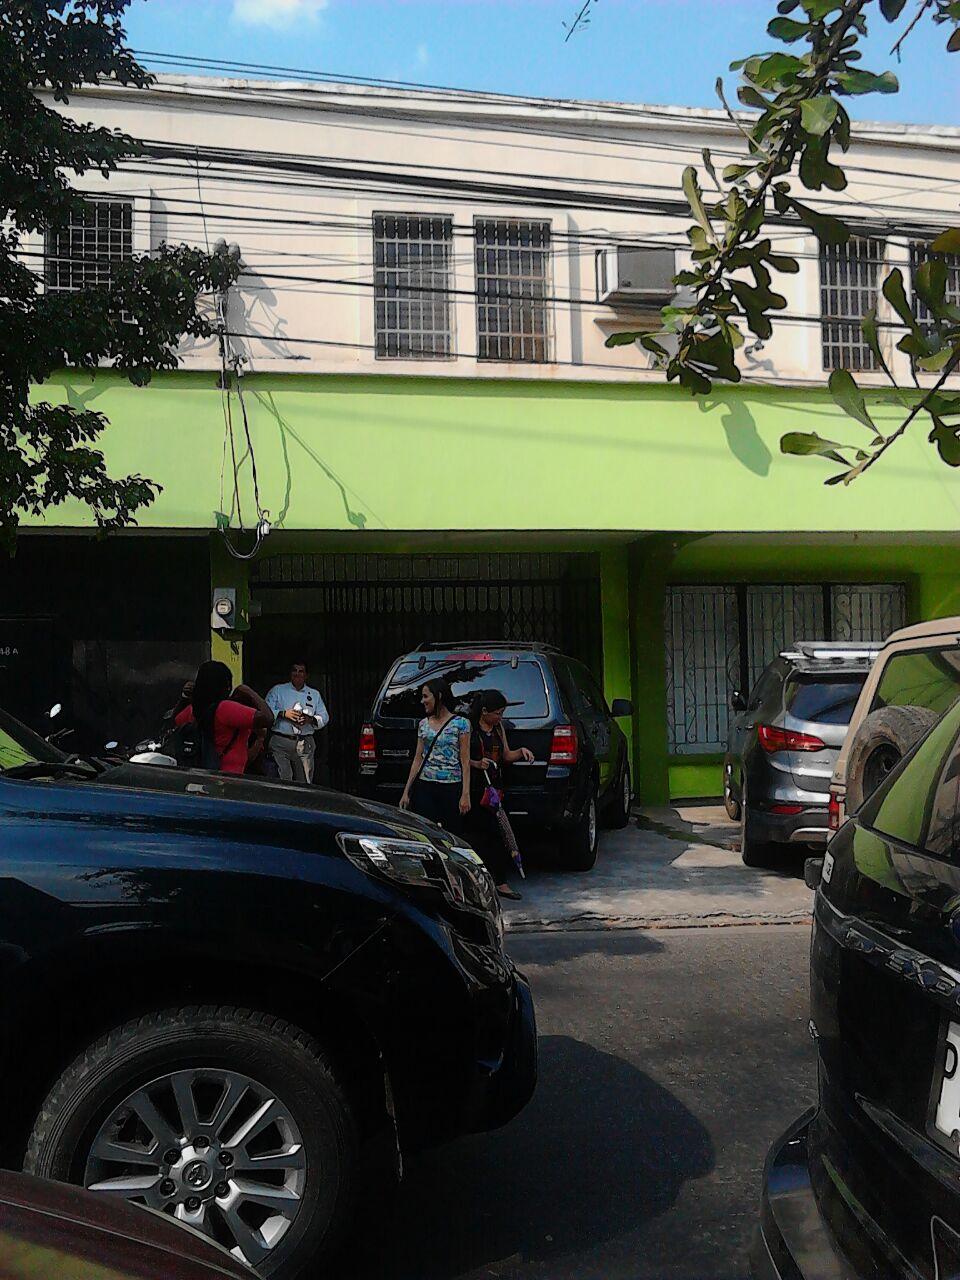 Las instalaciones de Herbalife en Barrio Guamilito; sin ninguna señalización de la compañía.